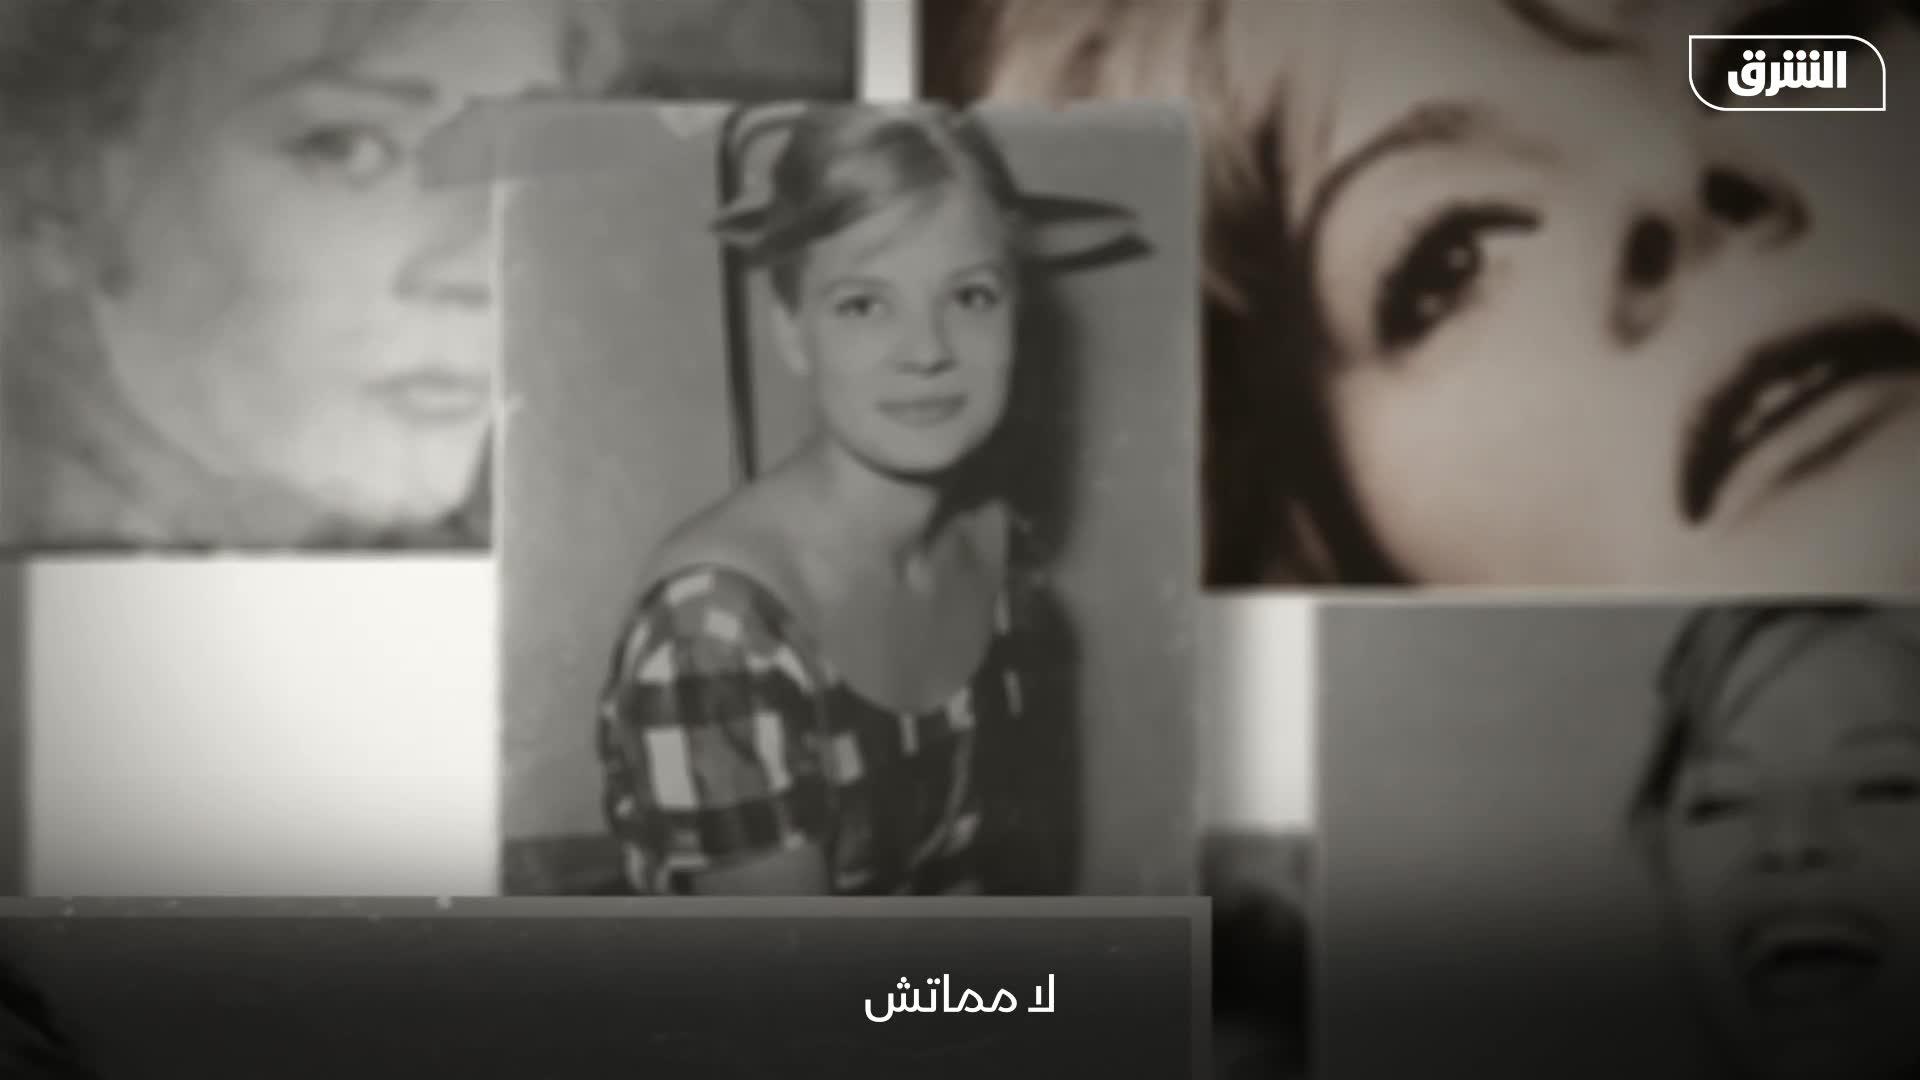 اسمي بولا - مذكرات الفنانة نادية لطفي- ح4